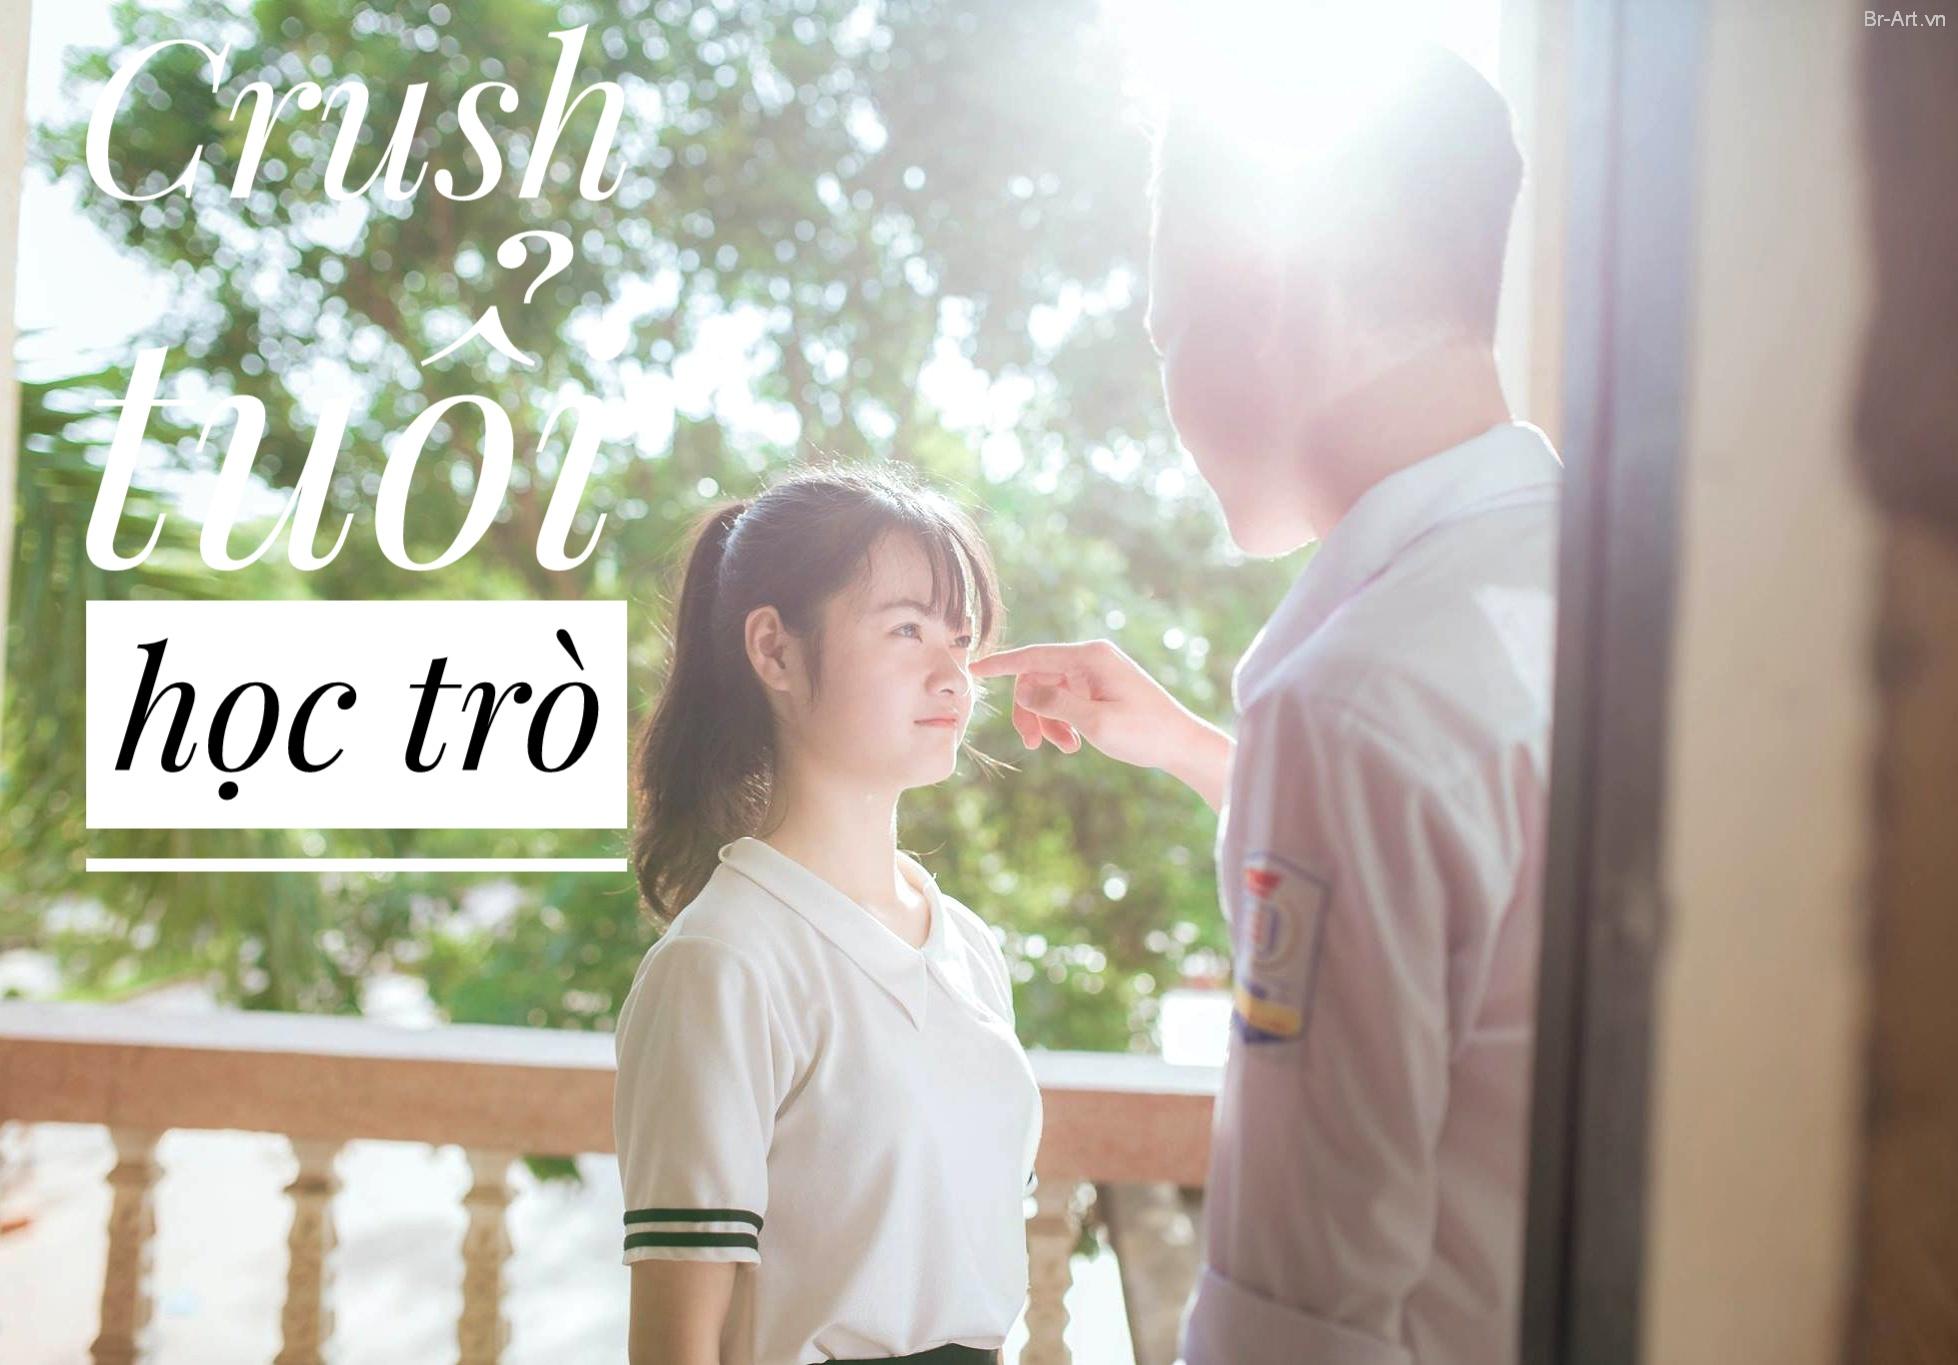 bo anh tinh yeu tuoi hoc tro cua nag do xuan but 1 01 - [Cuộc thi] Crush tuổi học trò - Tác giả Nat